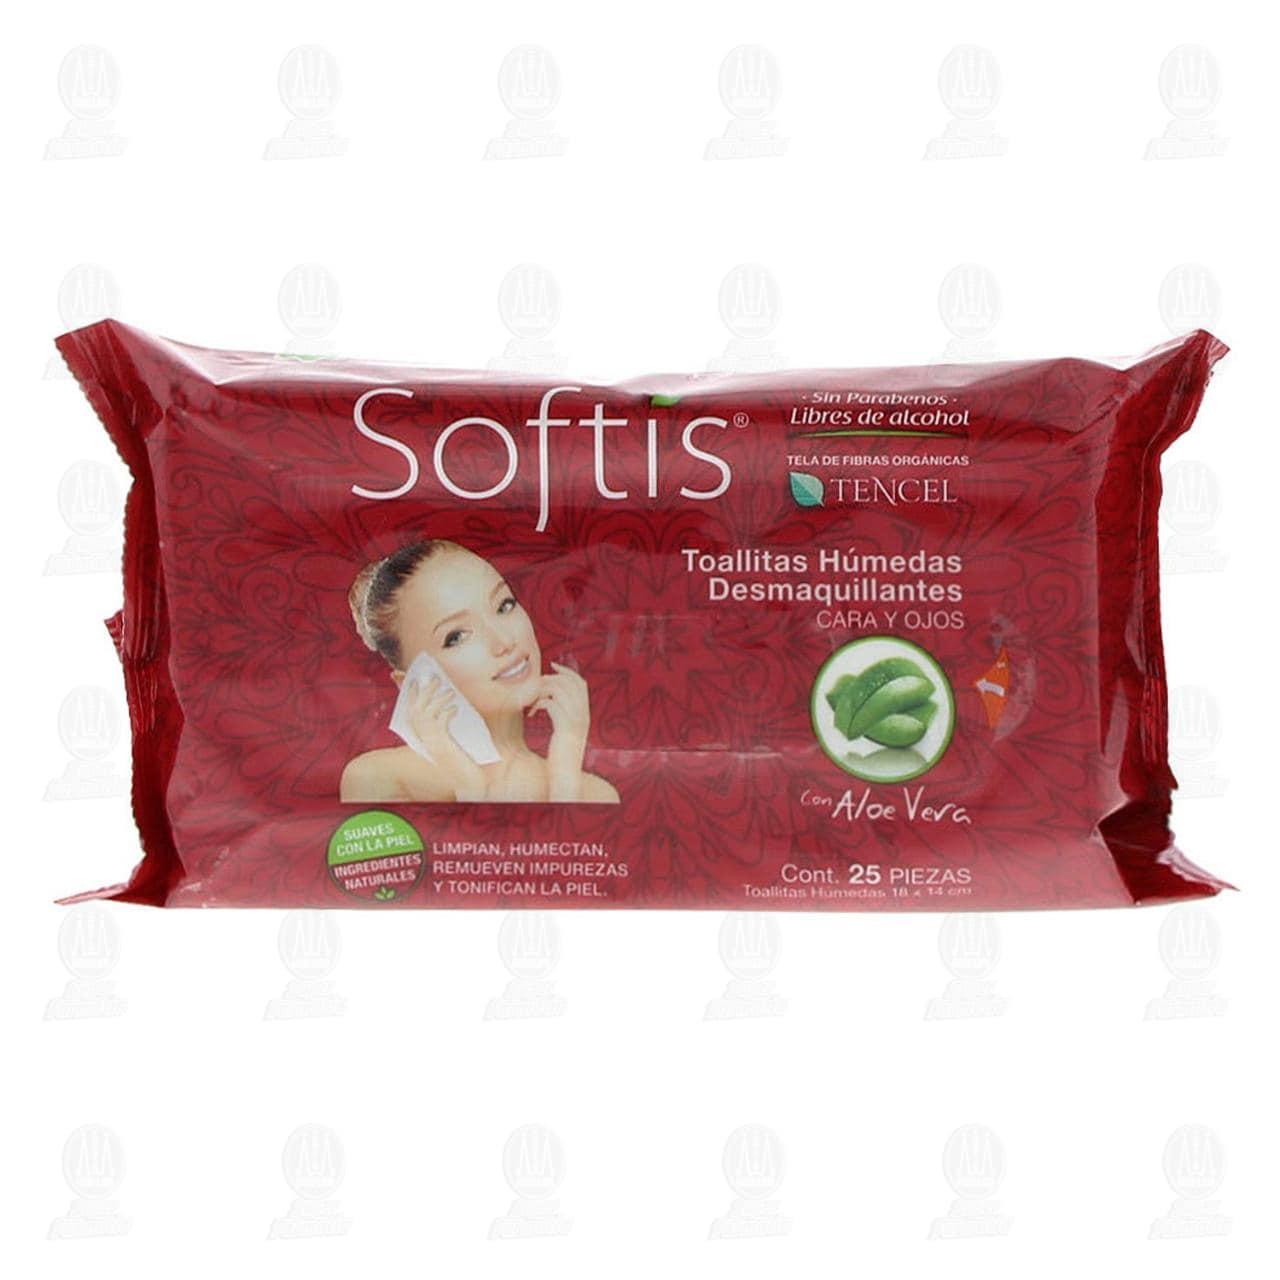 Comprar Toallitas Desmaquillantes Softis con Tela Orgánica y Aloe Vera, 25 pzas. en Farmacias Guadalajara